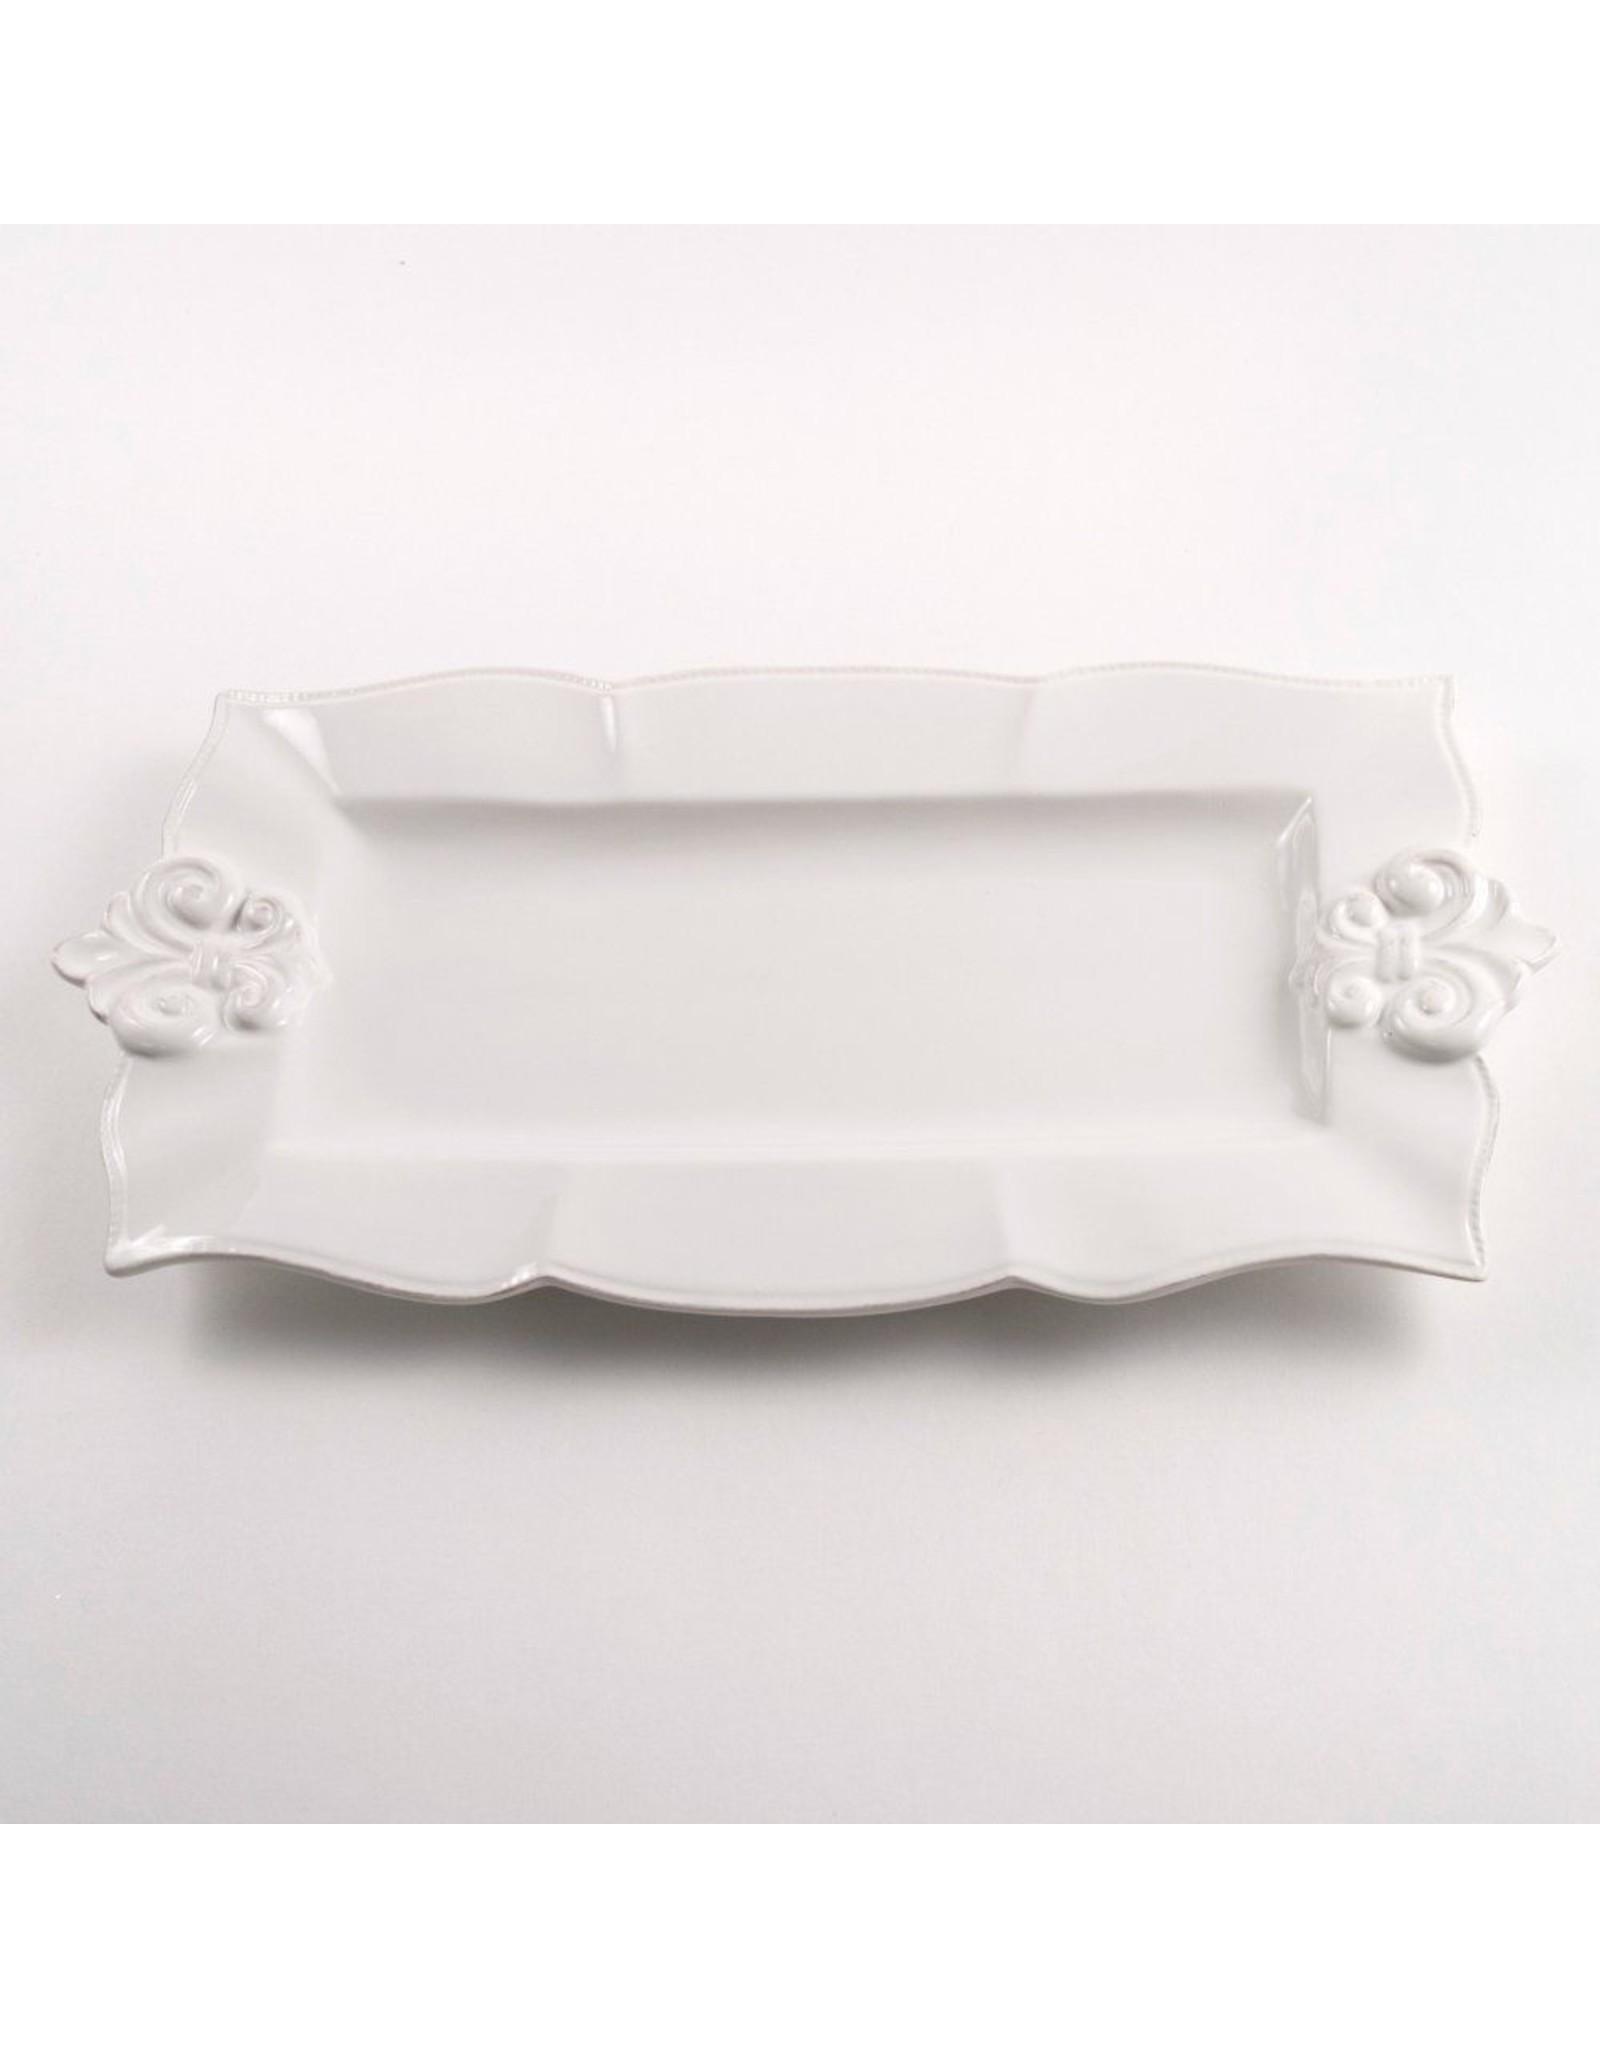 The Royal Standard FDL Rectangle Platter